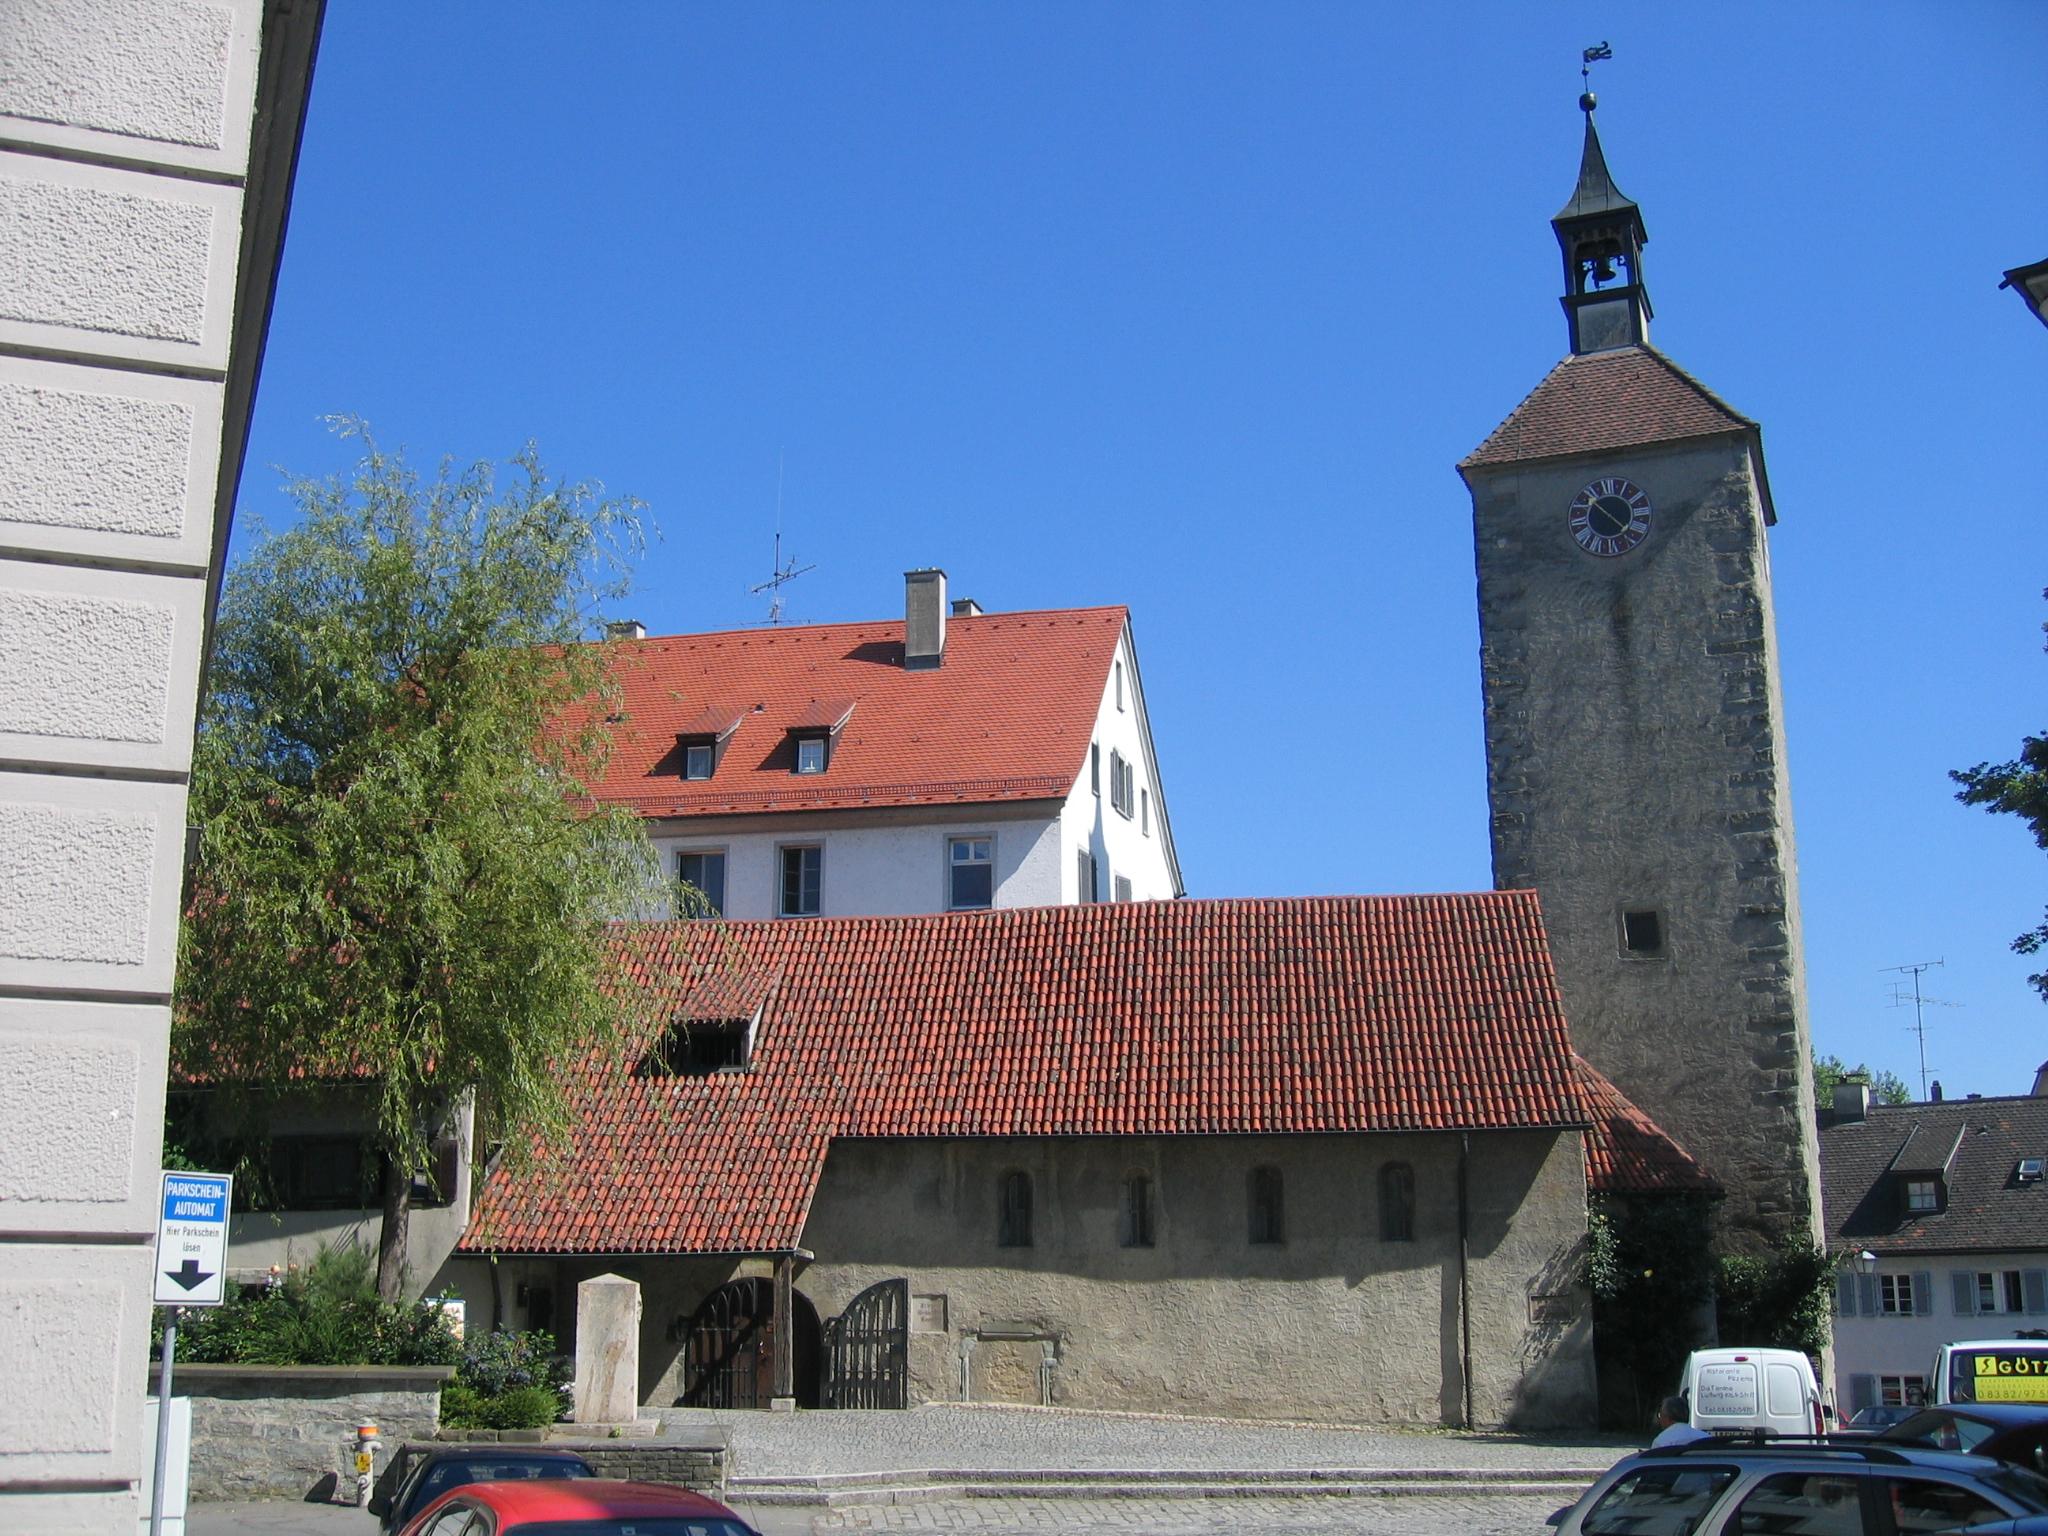 Lindau Bodensee Lindau Bodensee).jpg